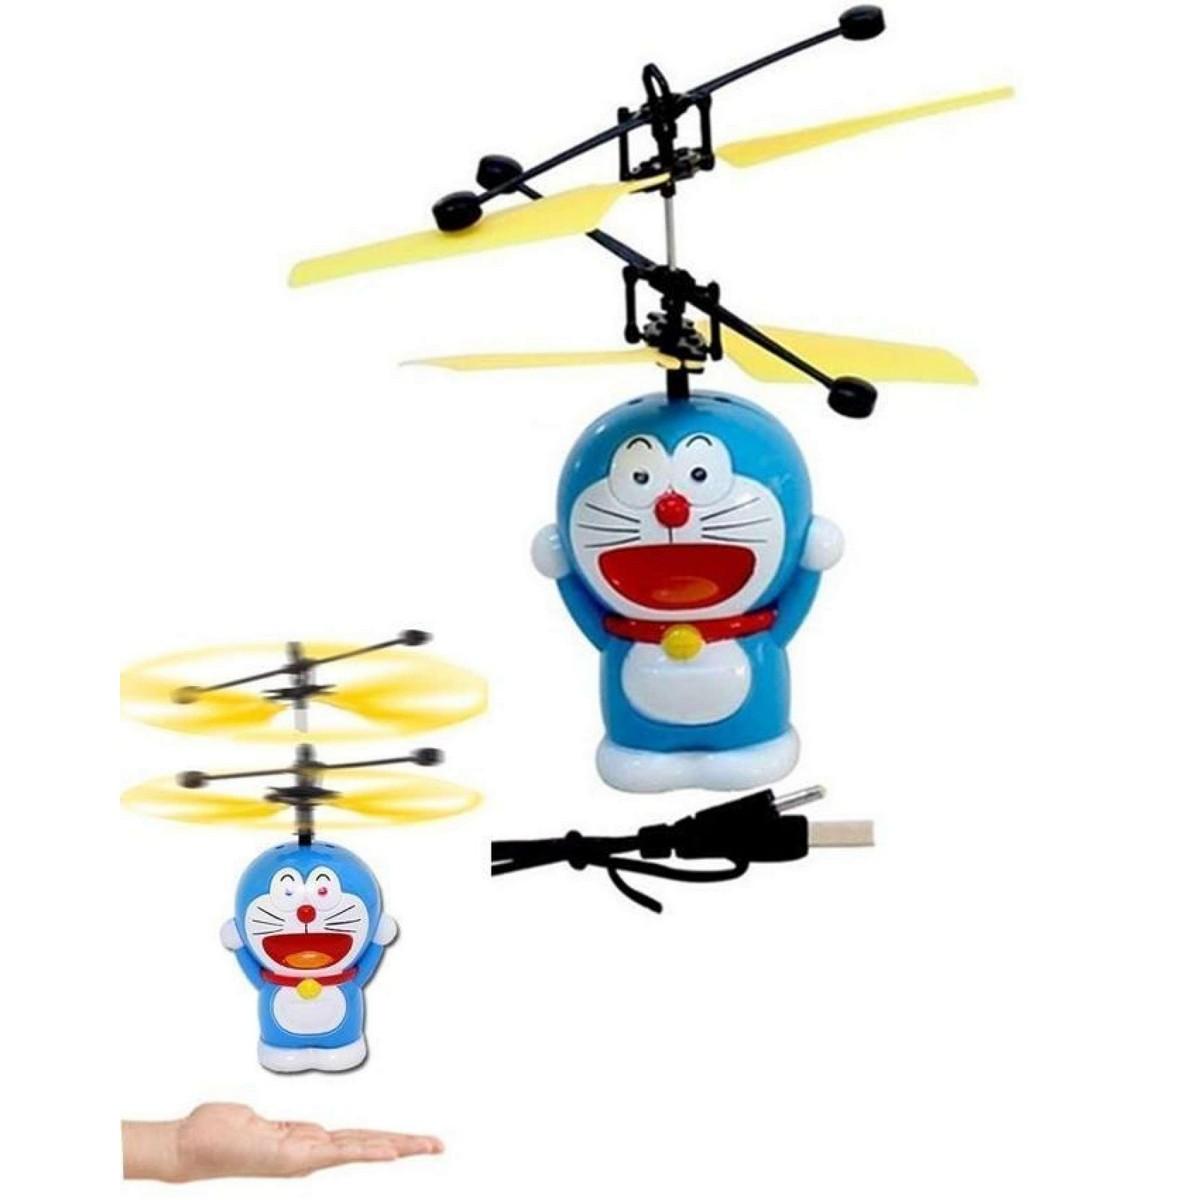 Flying Doraemon Toy For Kids